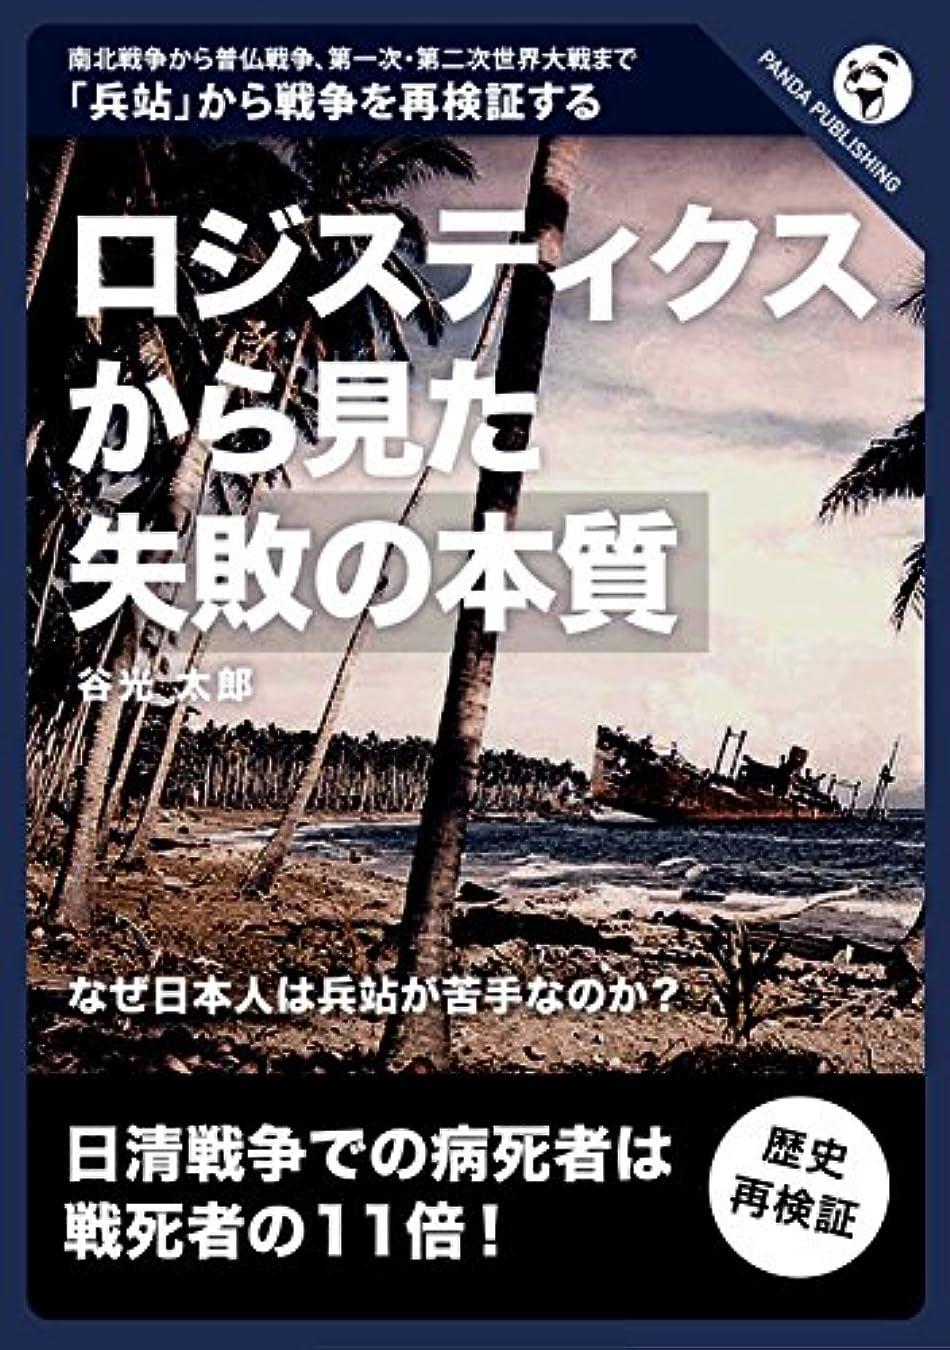 通知する仮装まもなくロジスティクスから見た「失敗の本質」: なぜ日本人は兵站が苦手なのか (WW2セレクト)